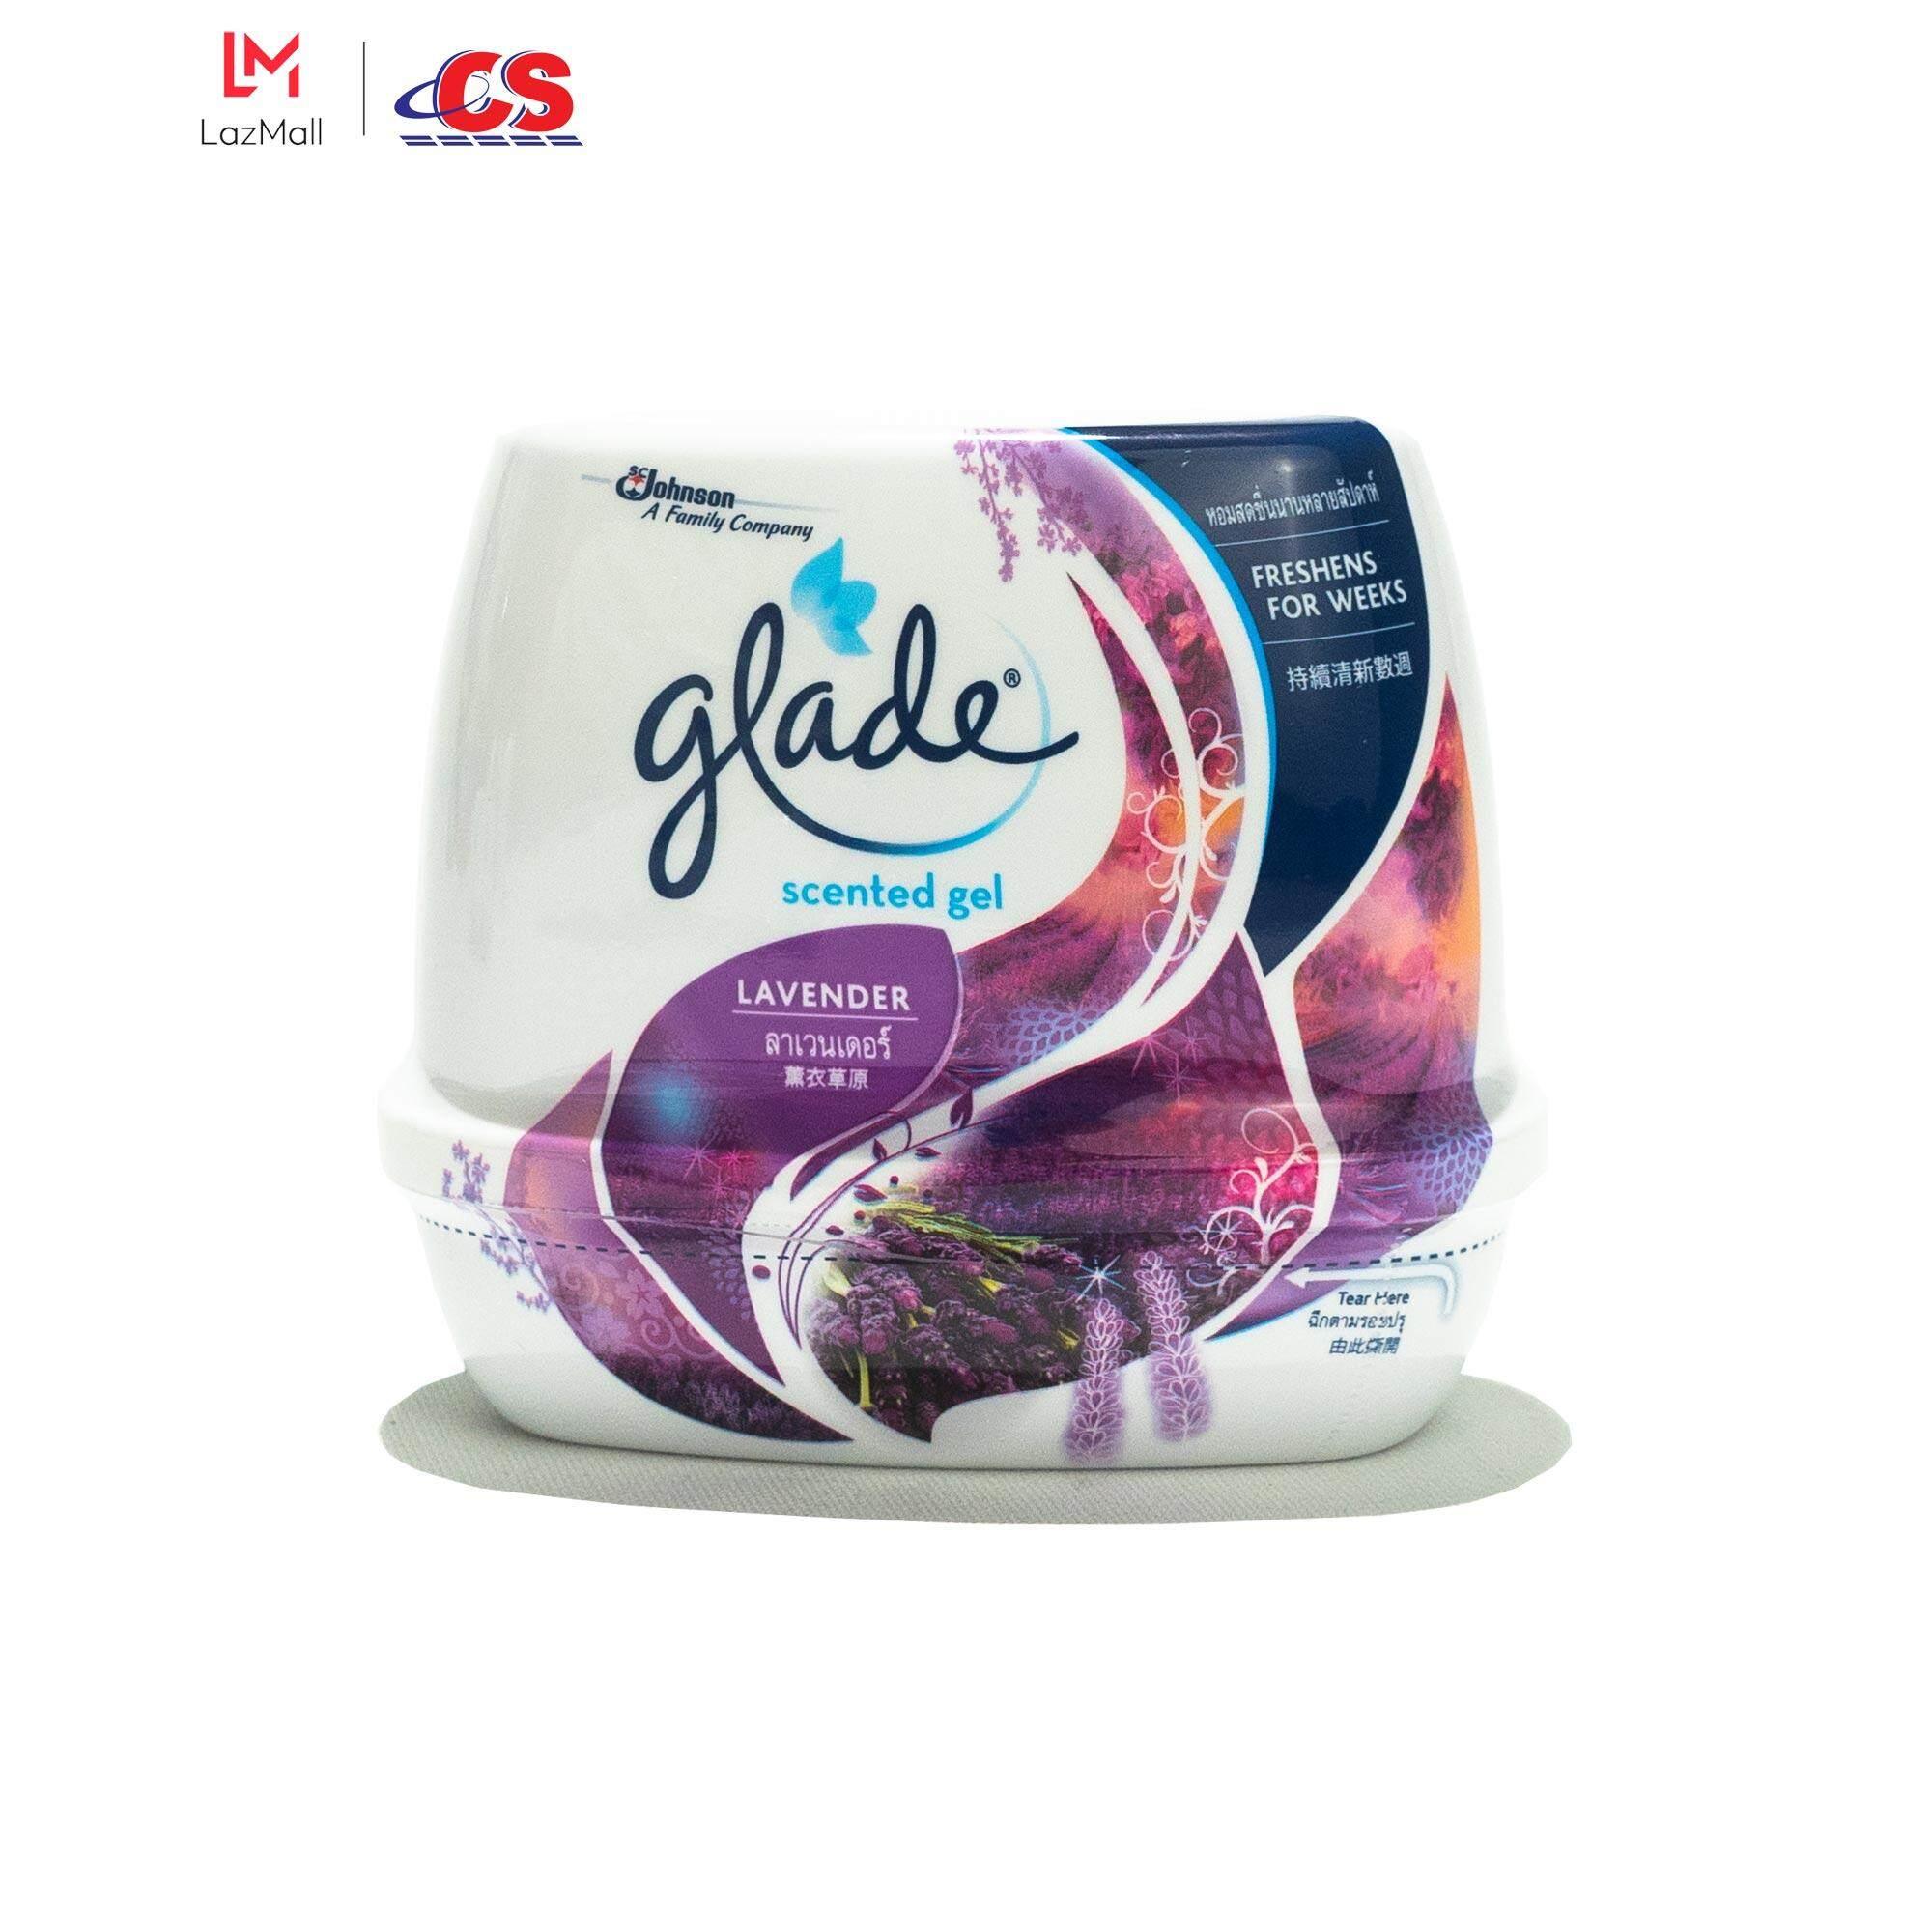 GLADE Scented Gel Lavender 180g